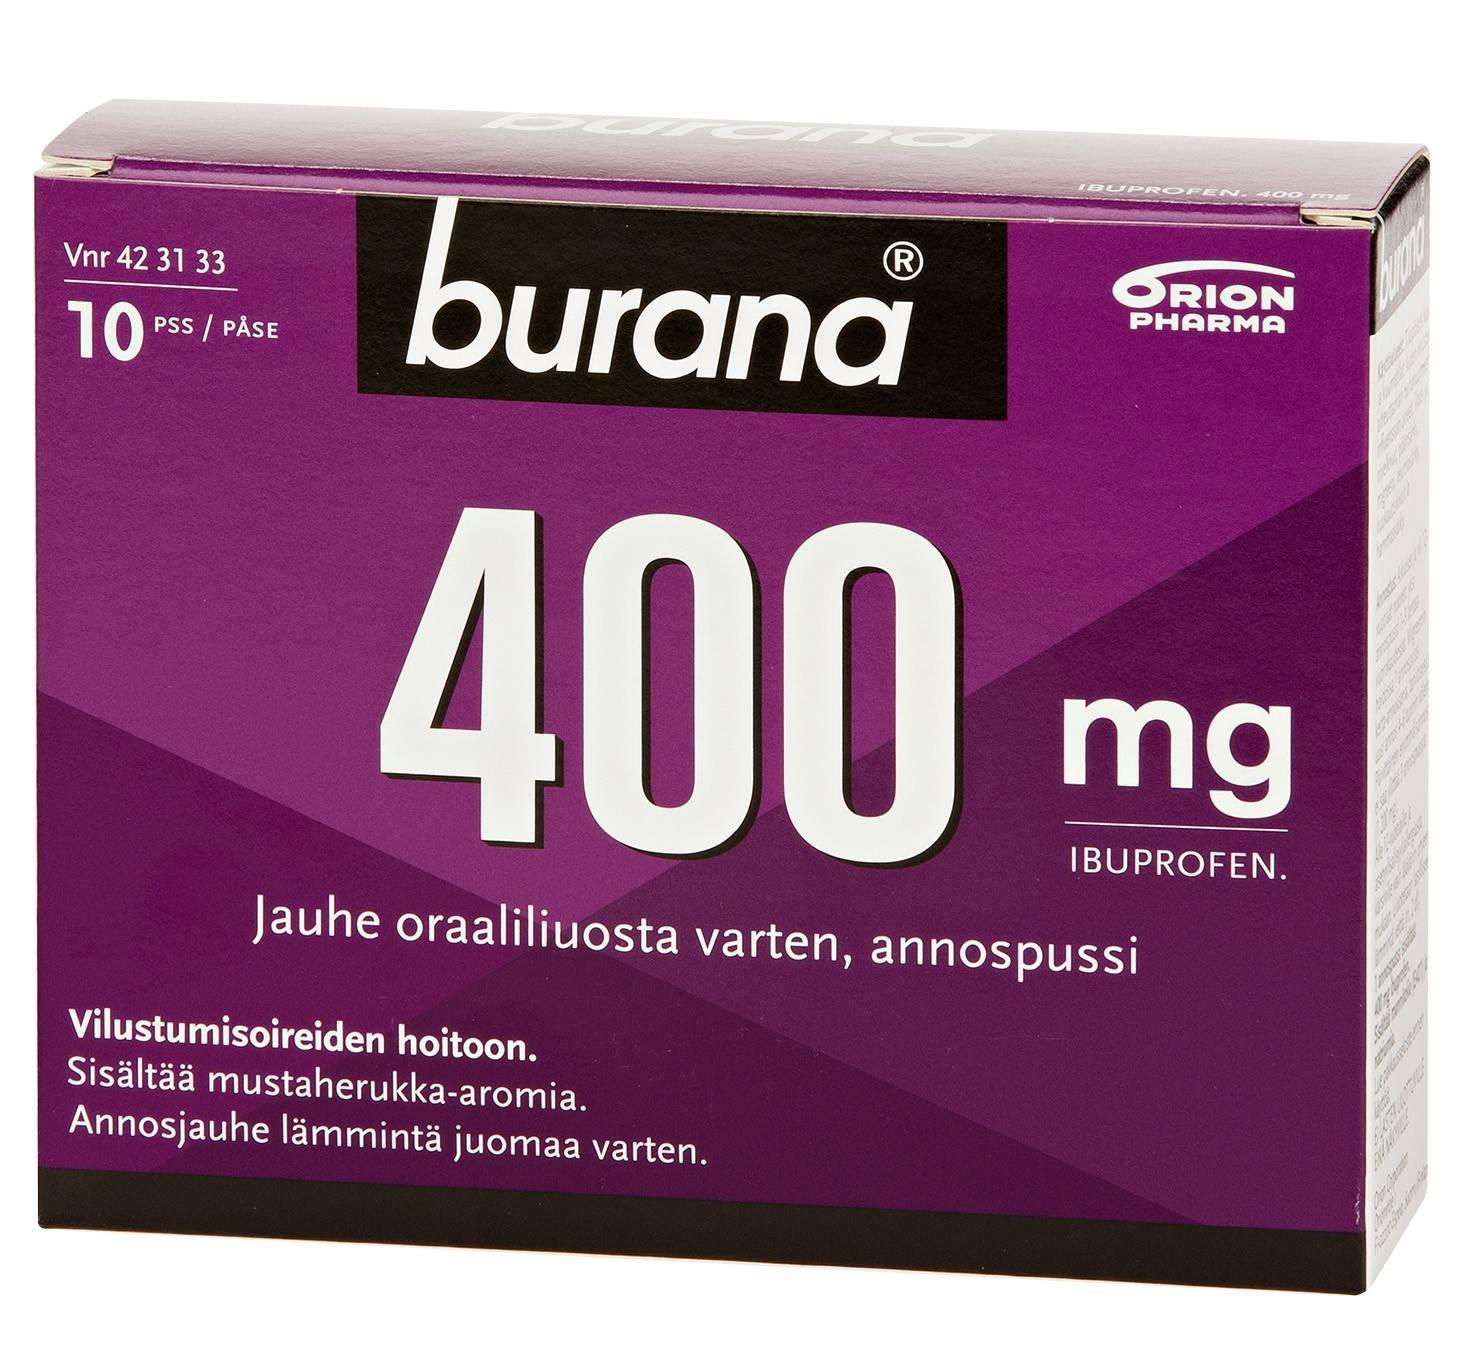 Стоимость лечения в финляндии - finlandcare